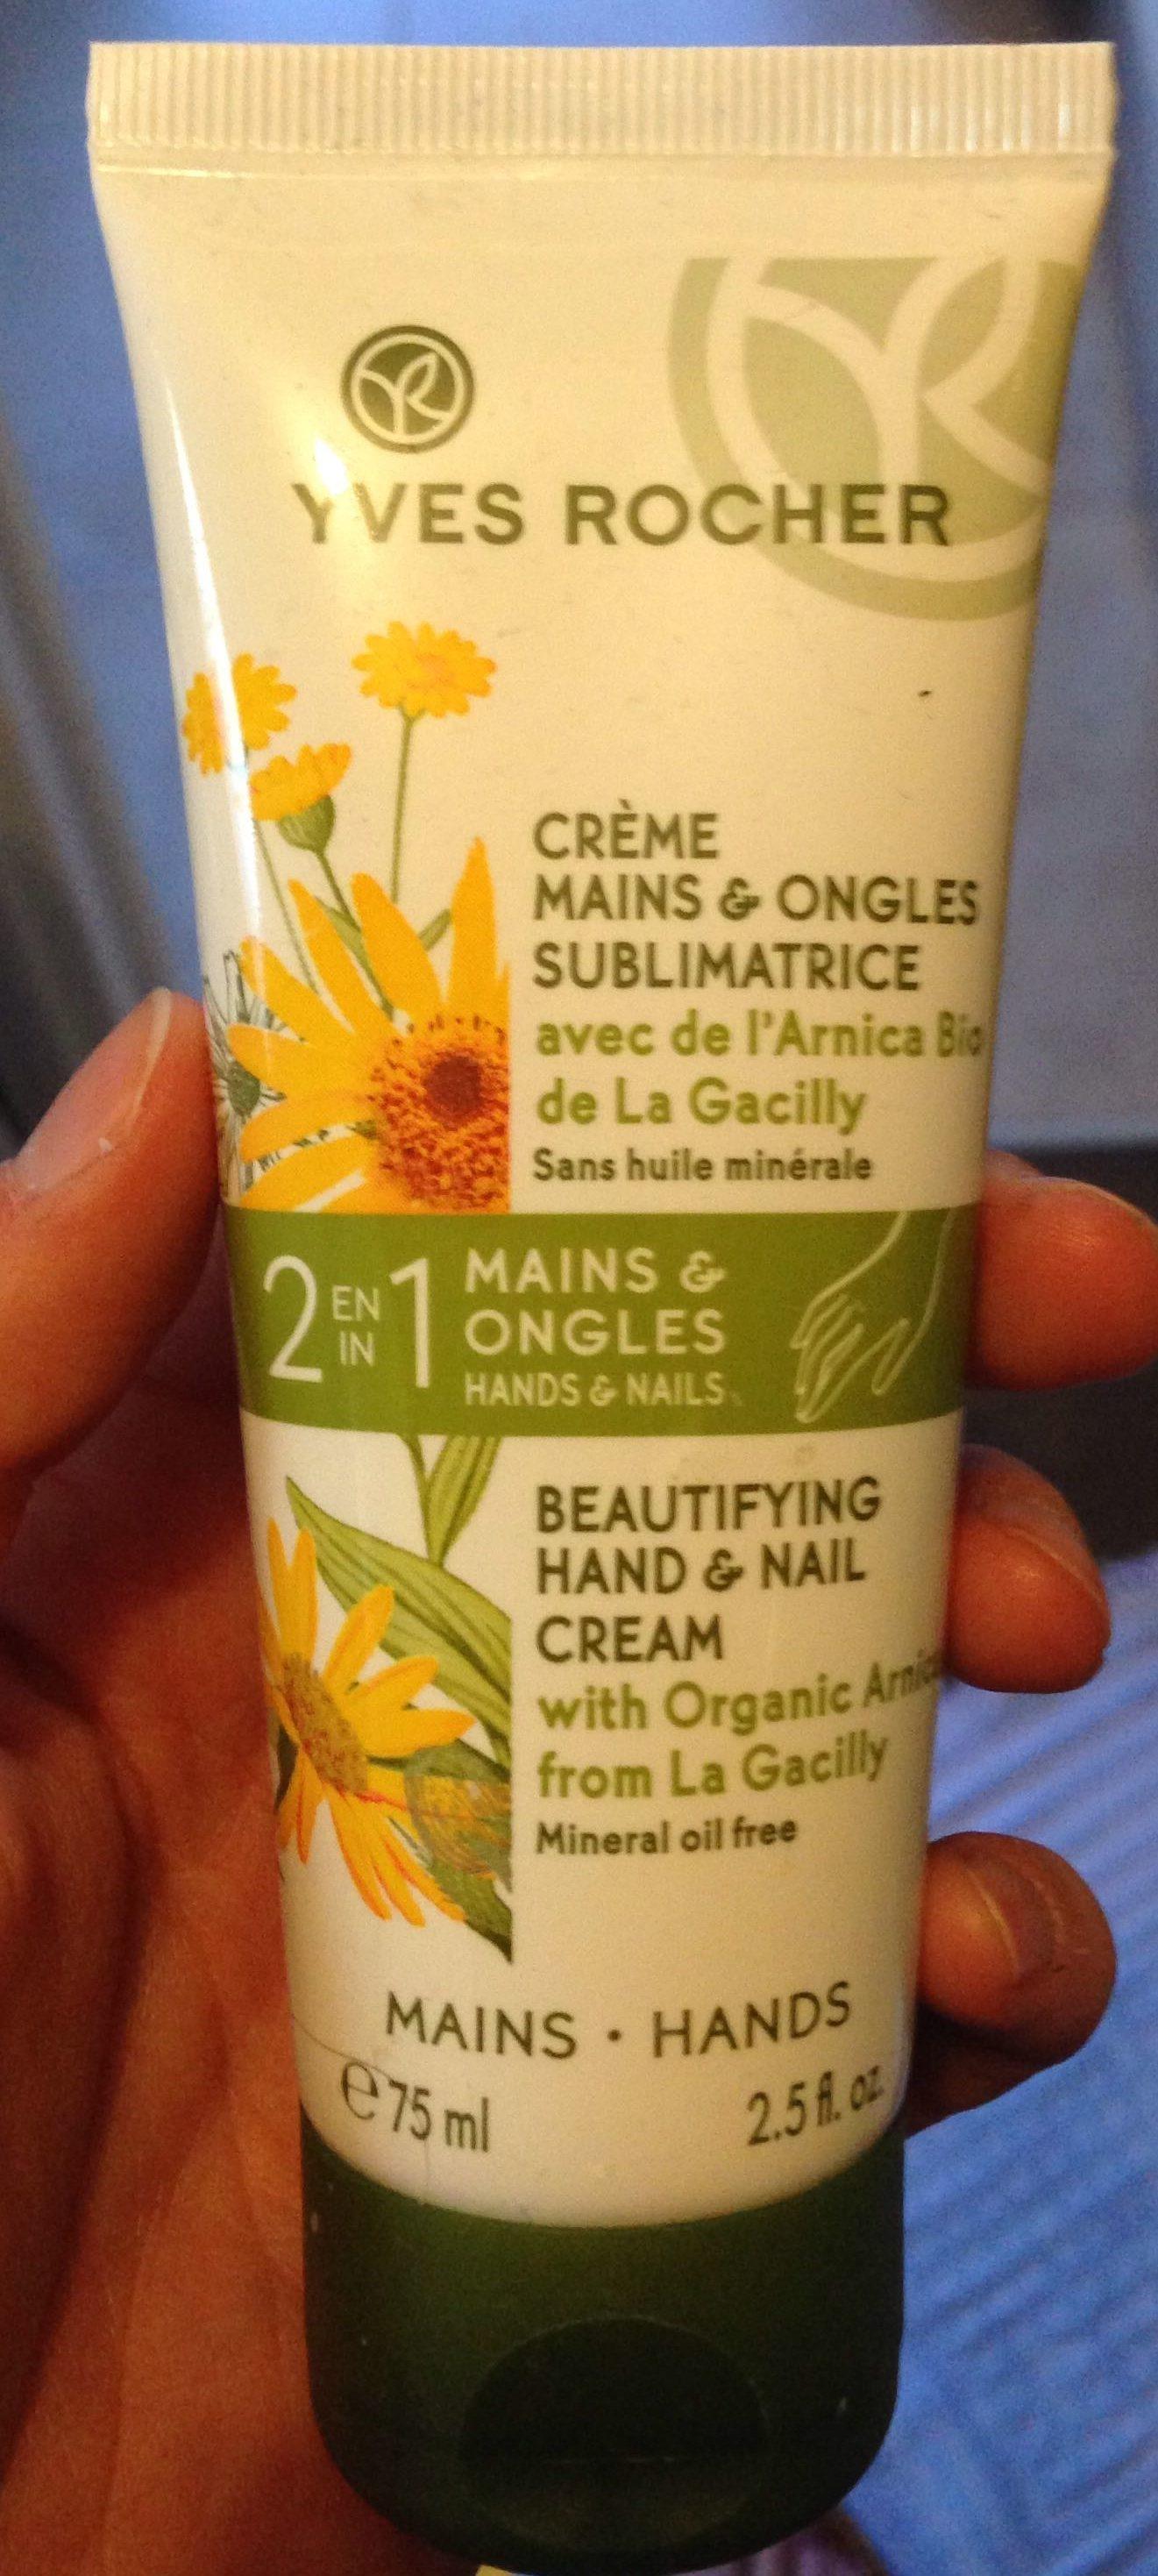 Crème mains et ongles sublimatrice - Product - fr